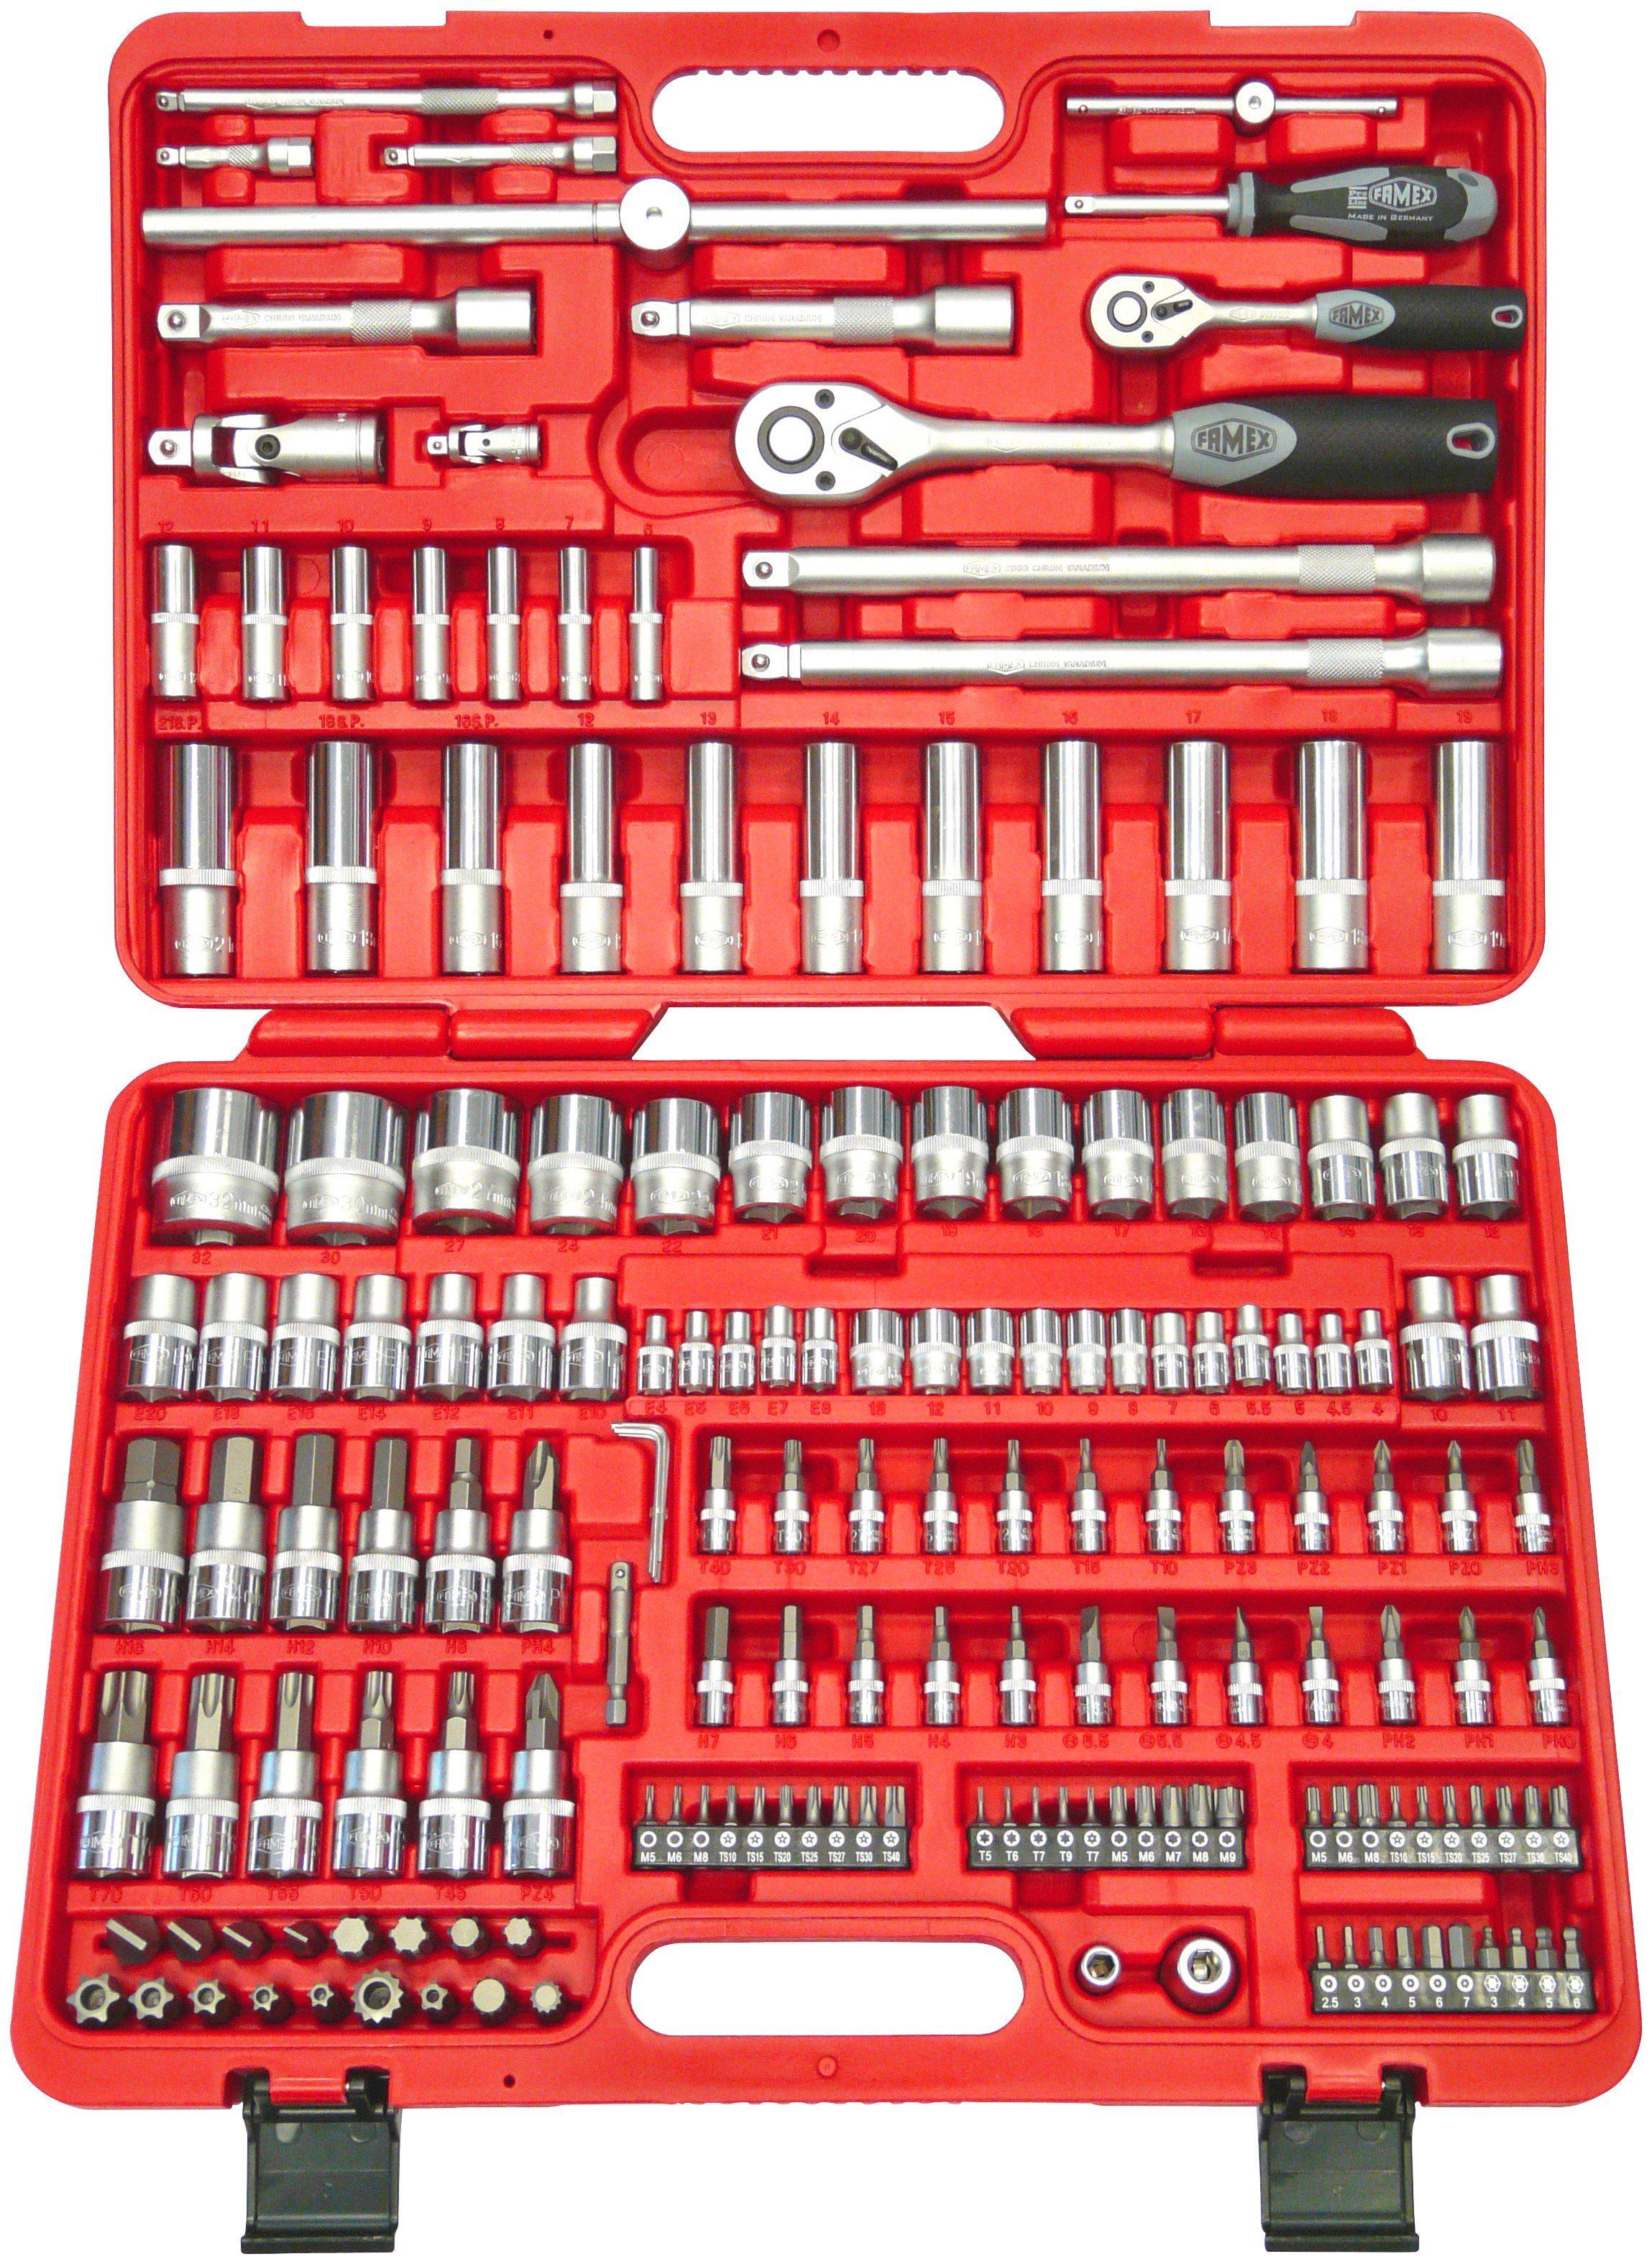 FAMEX Werkzeugkoffer »526-SD-25 «, Steckschlüsselsatz mit Feinzahnknarren, 173-tlg.